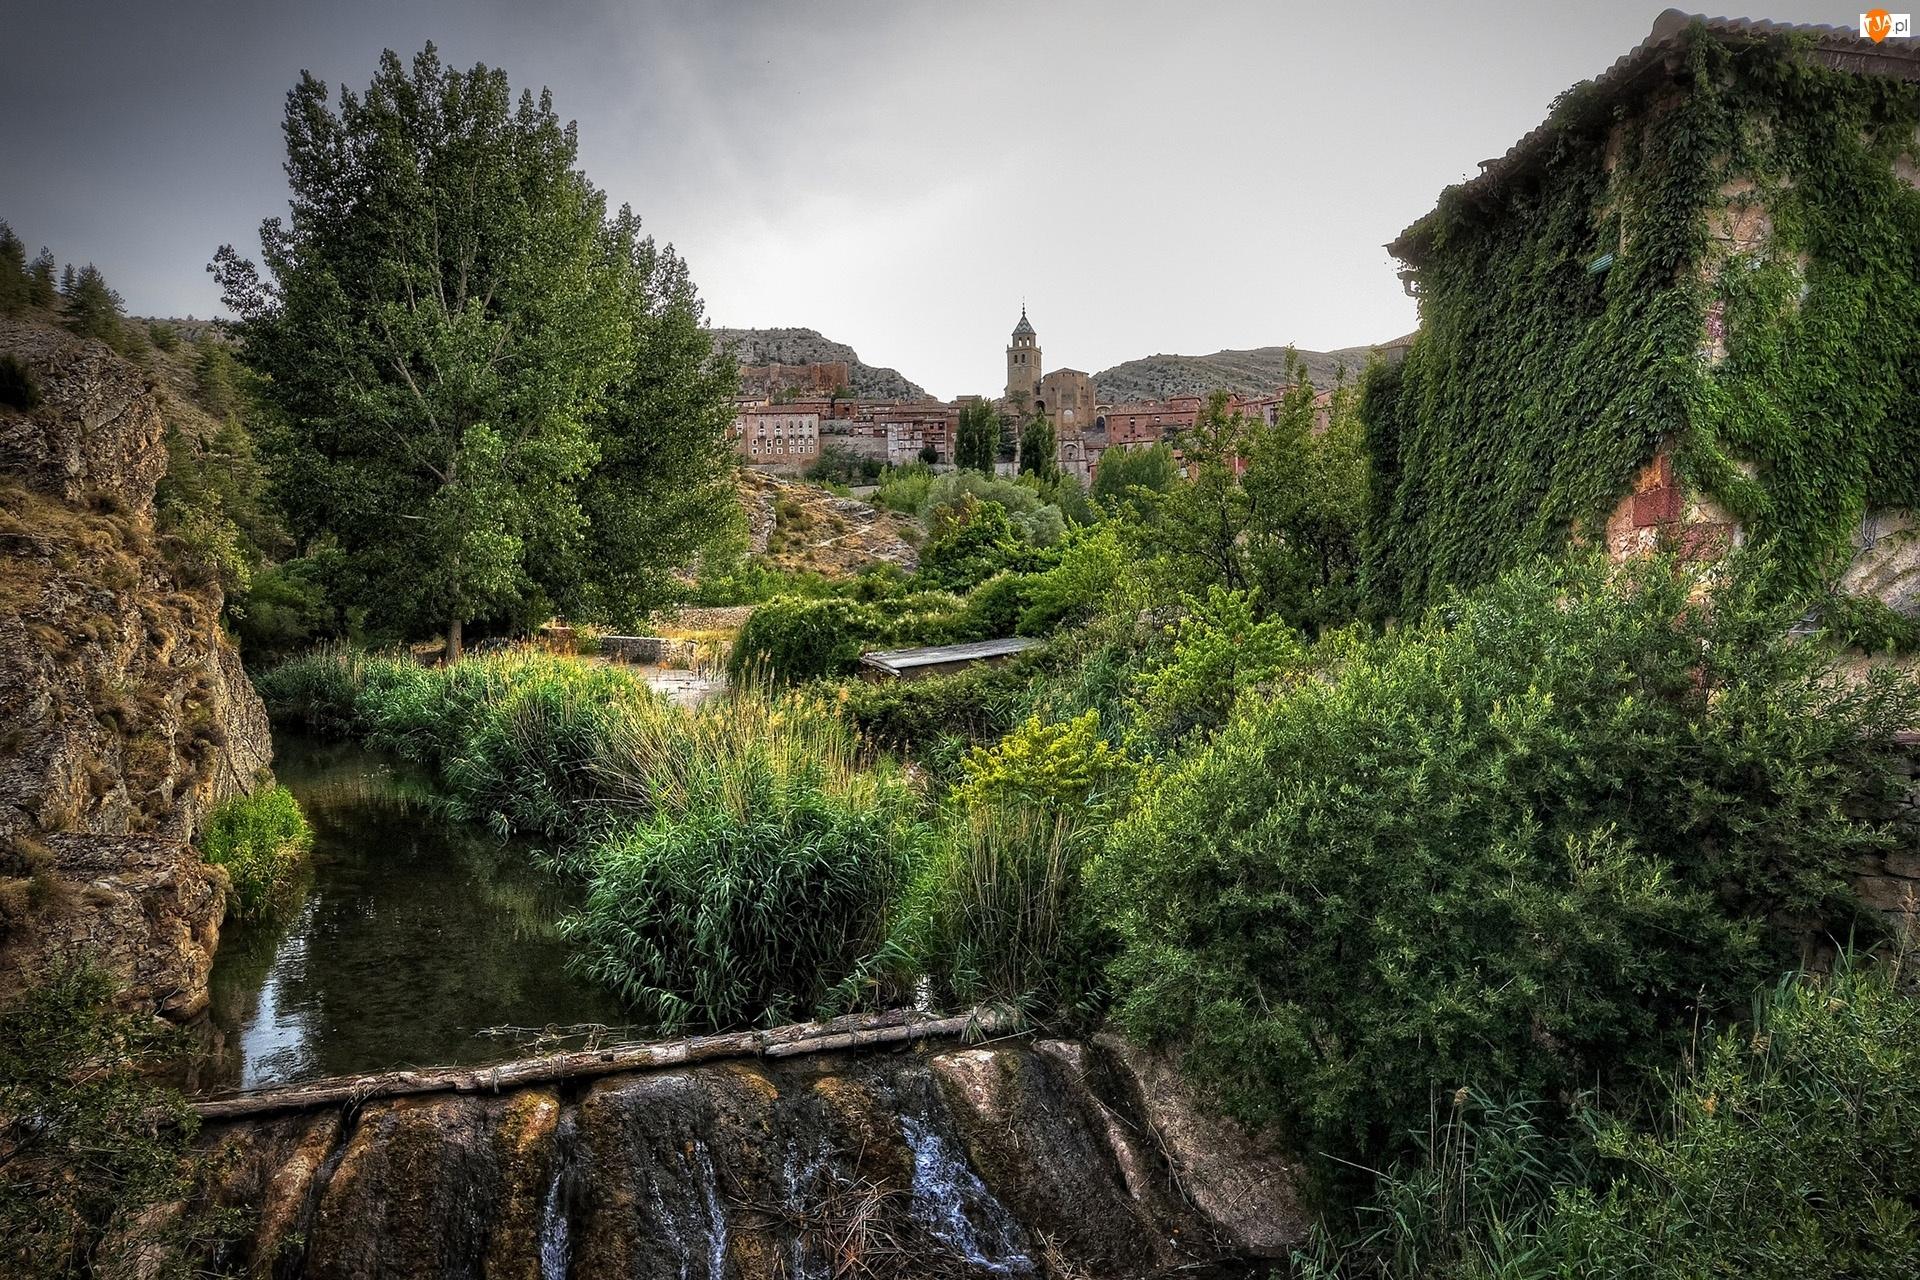 Ogród, Miasto, Potok